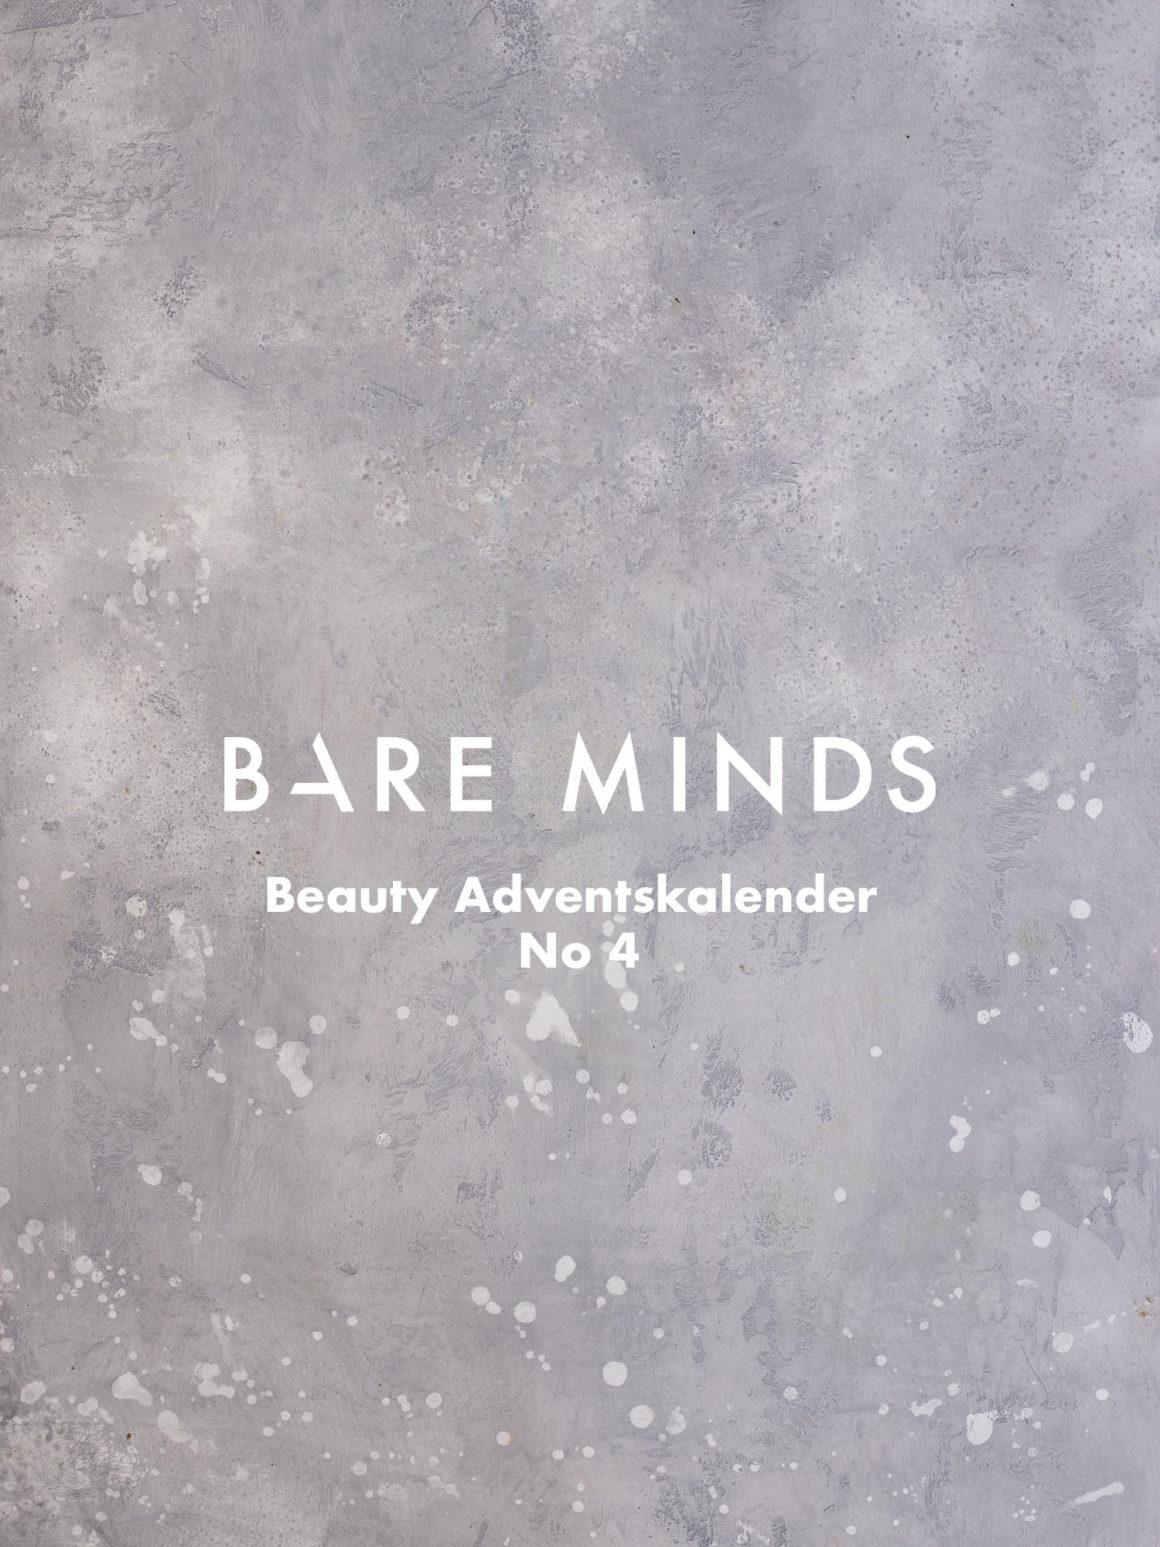 Bare Minds Beauty Adventskalender 2019 04_